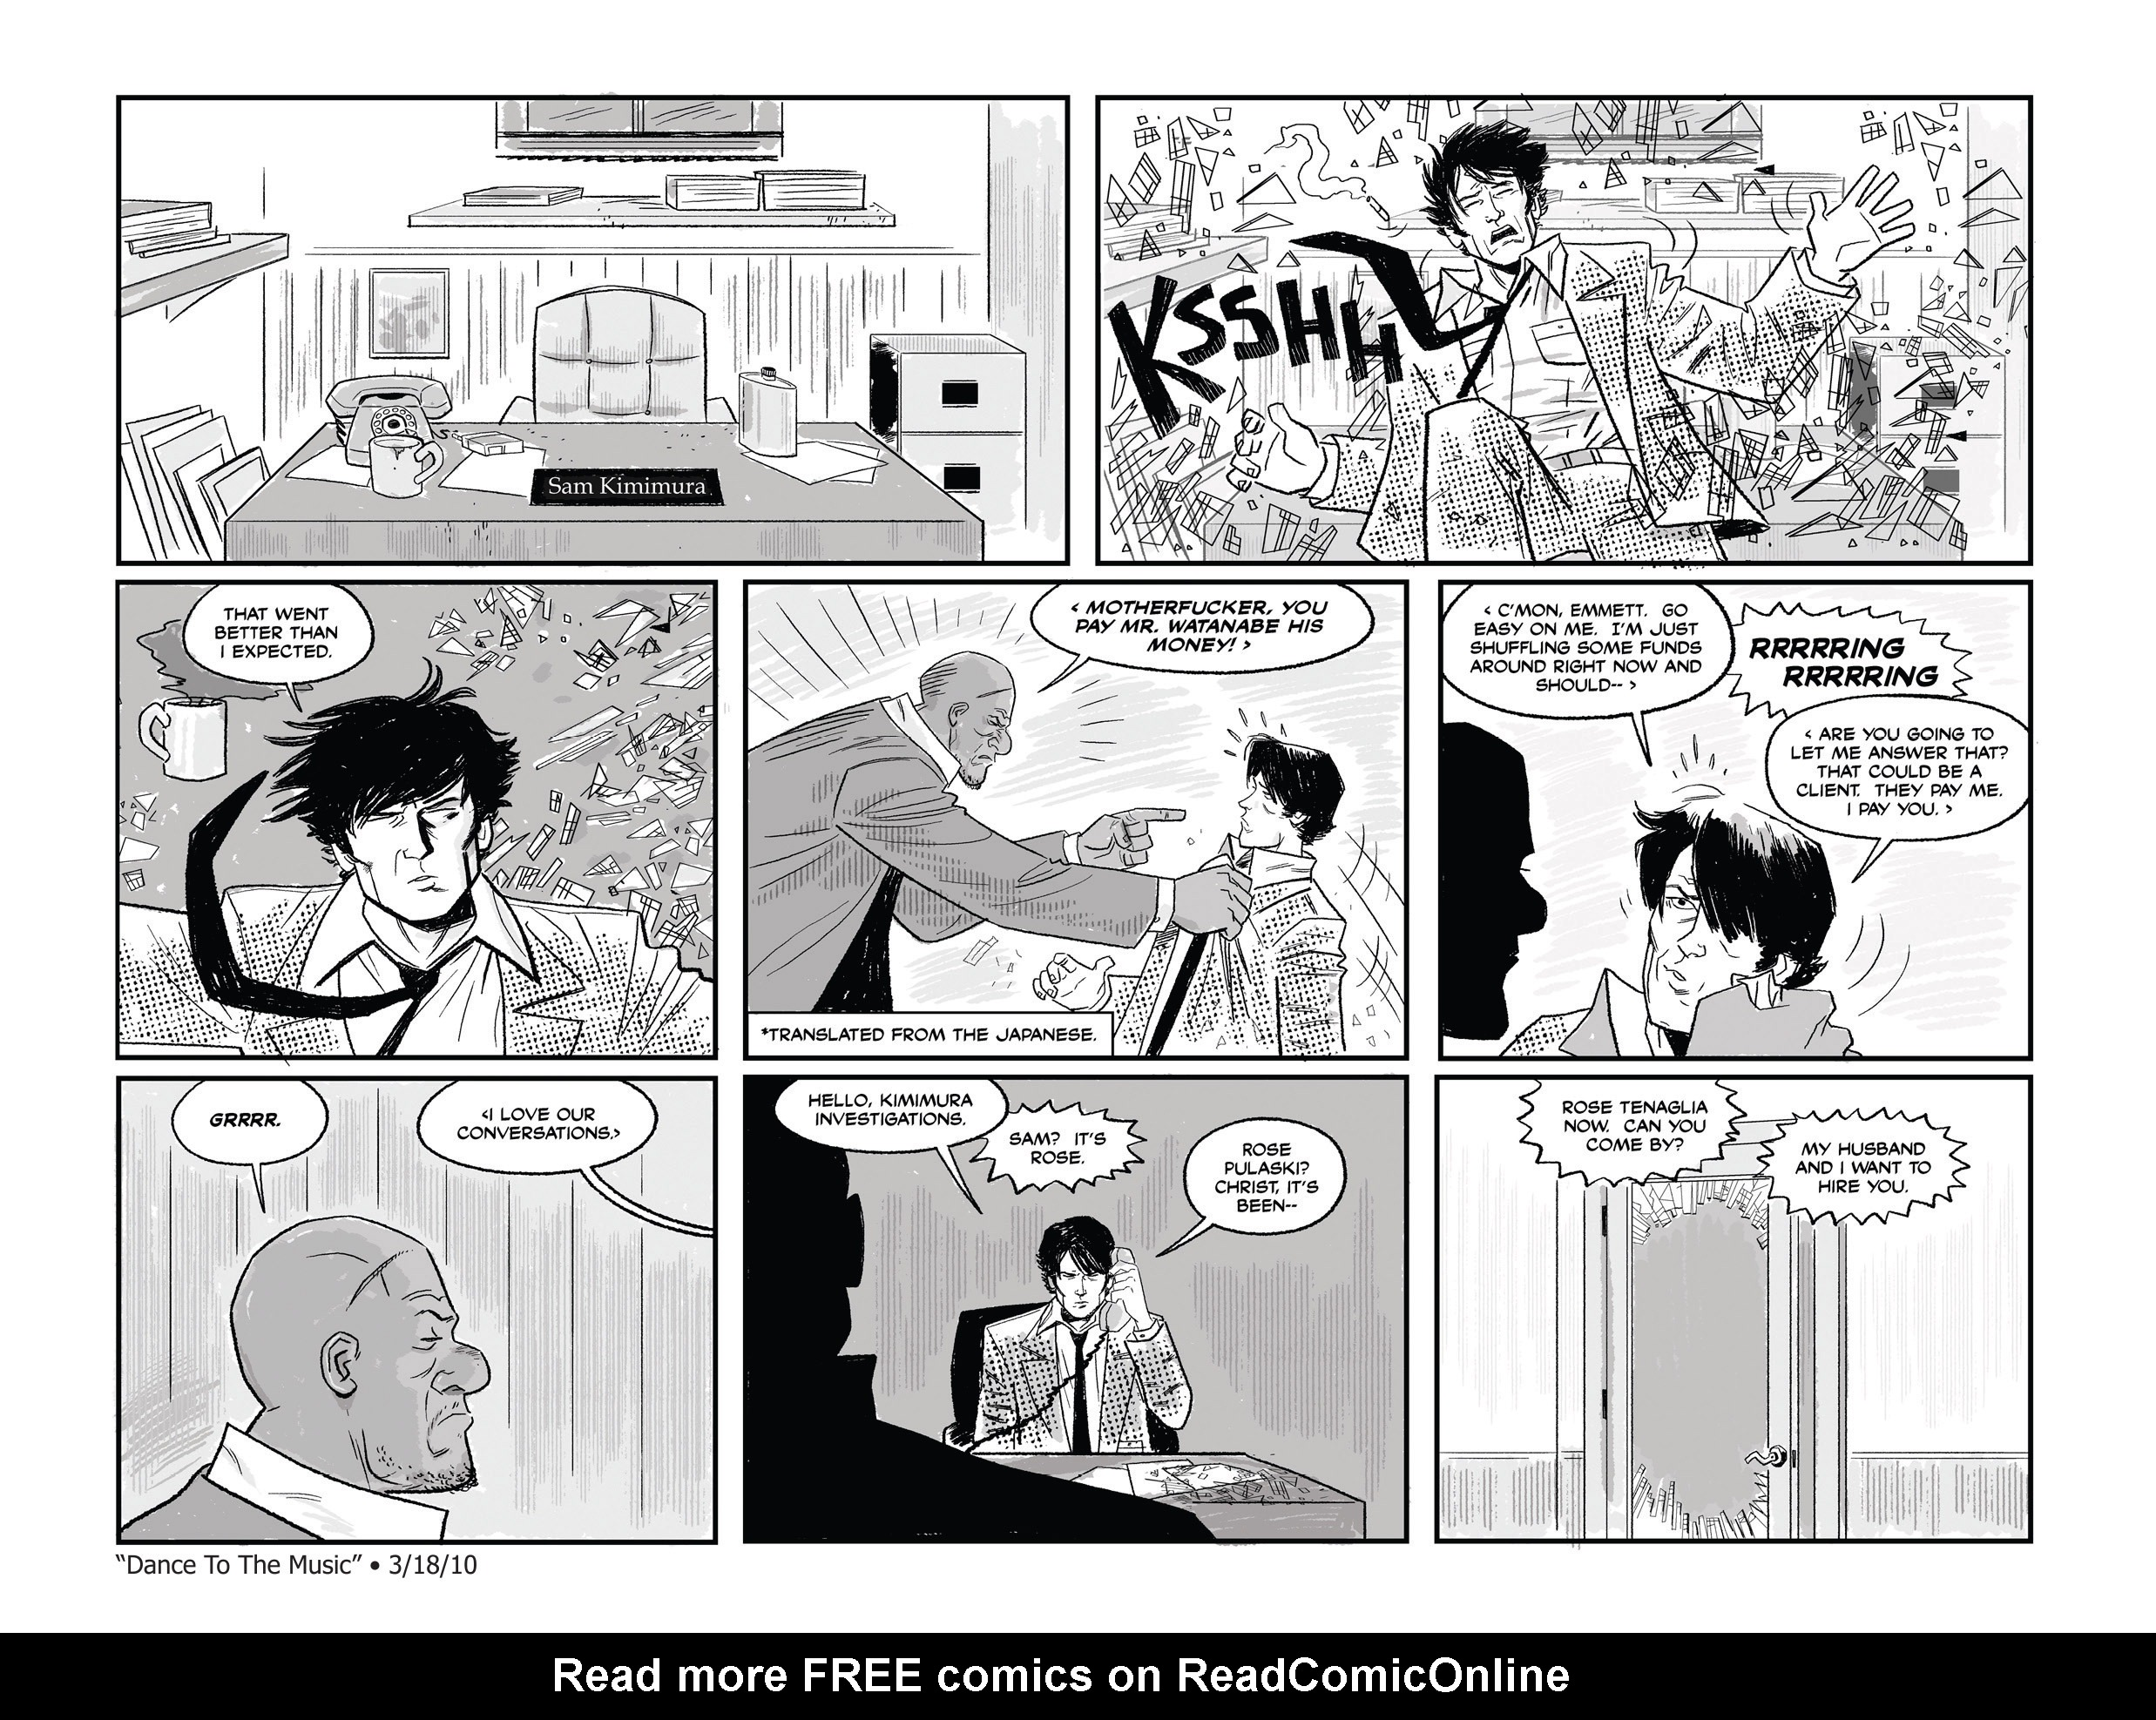 Read online She Died In Terrebonne comic -  Issue #2 - 14